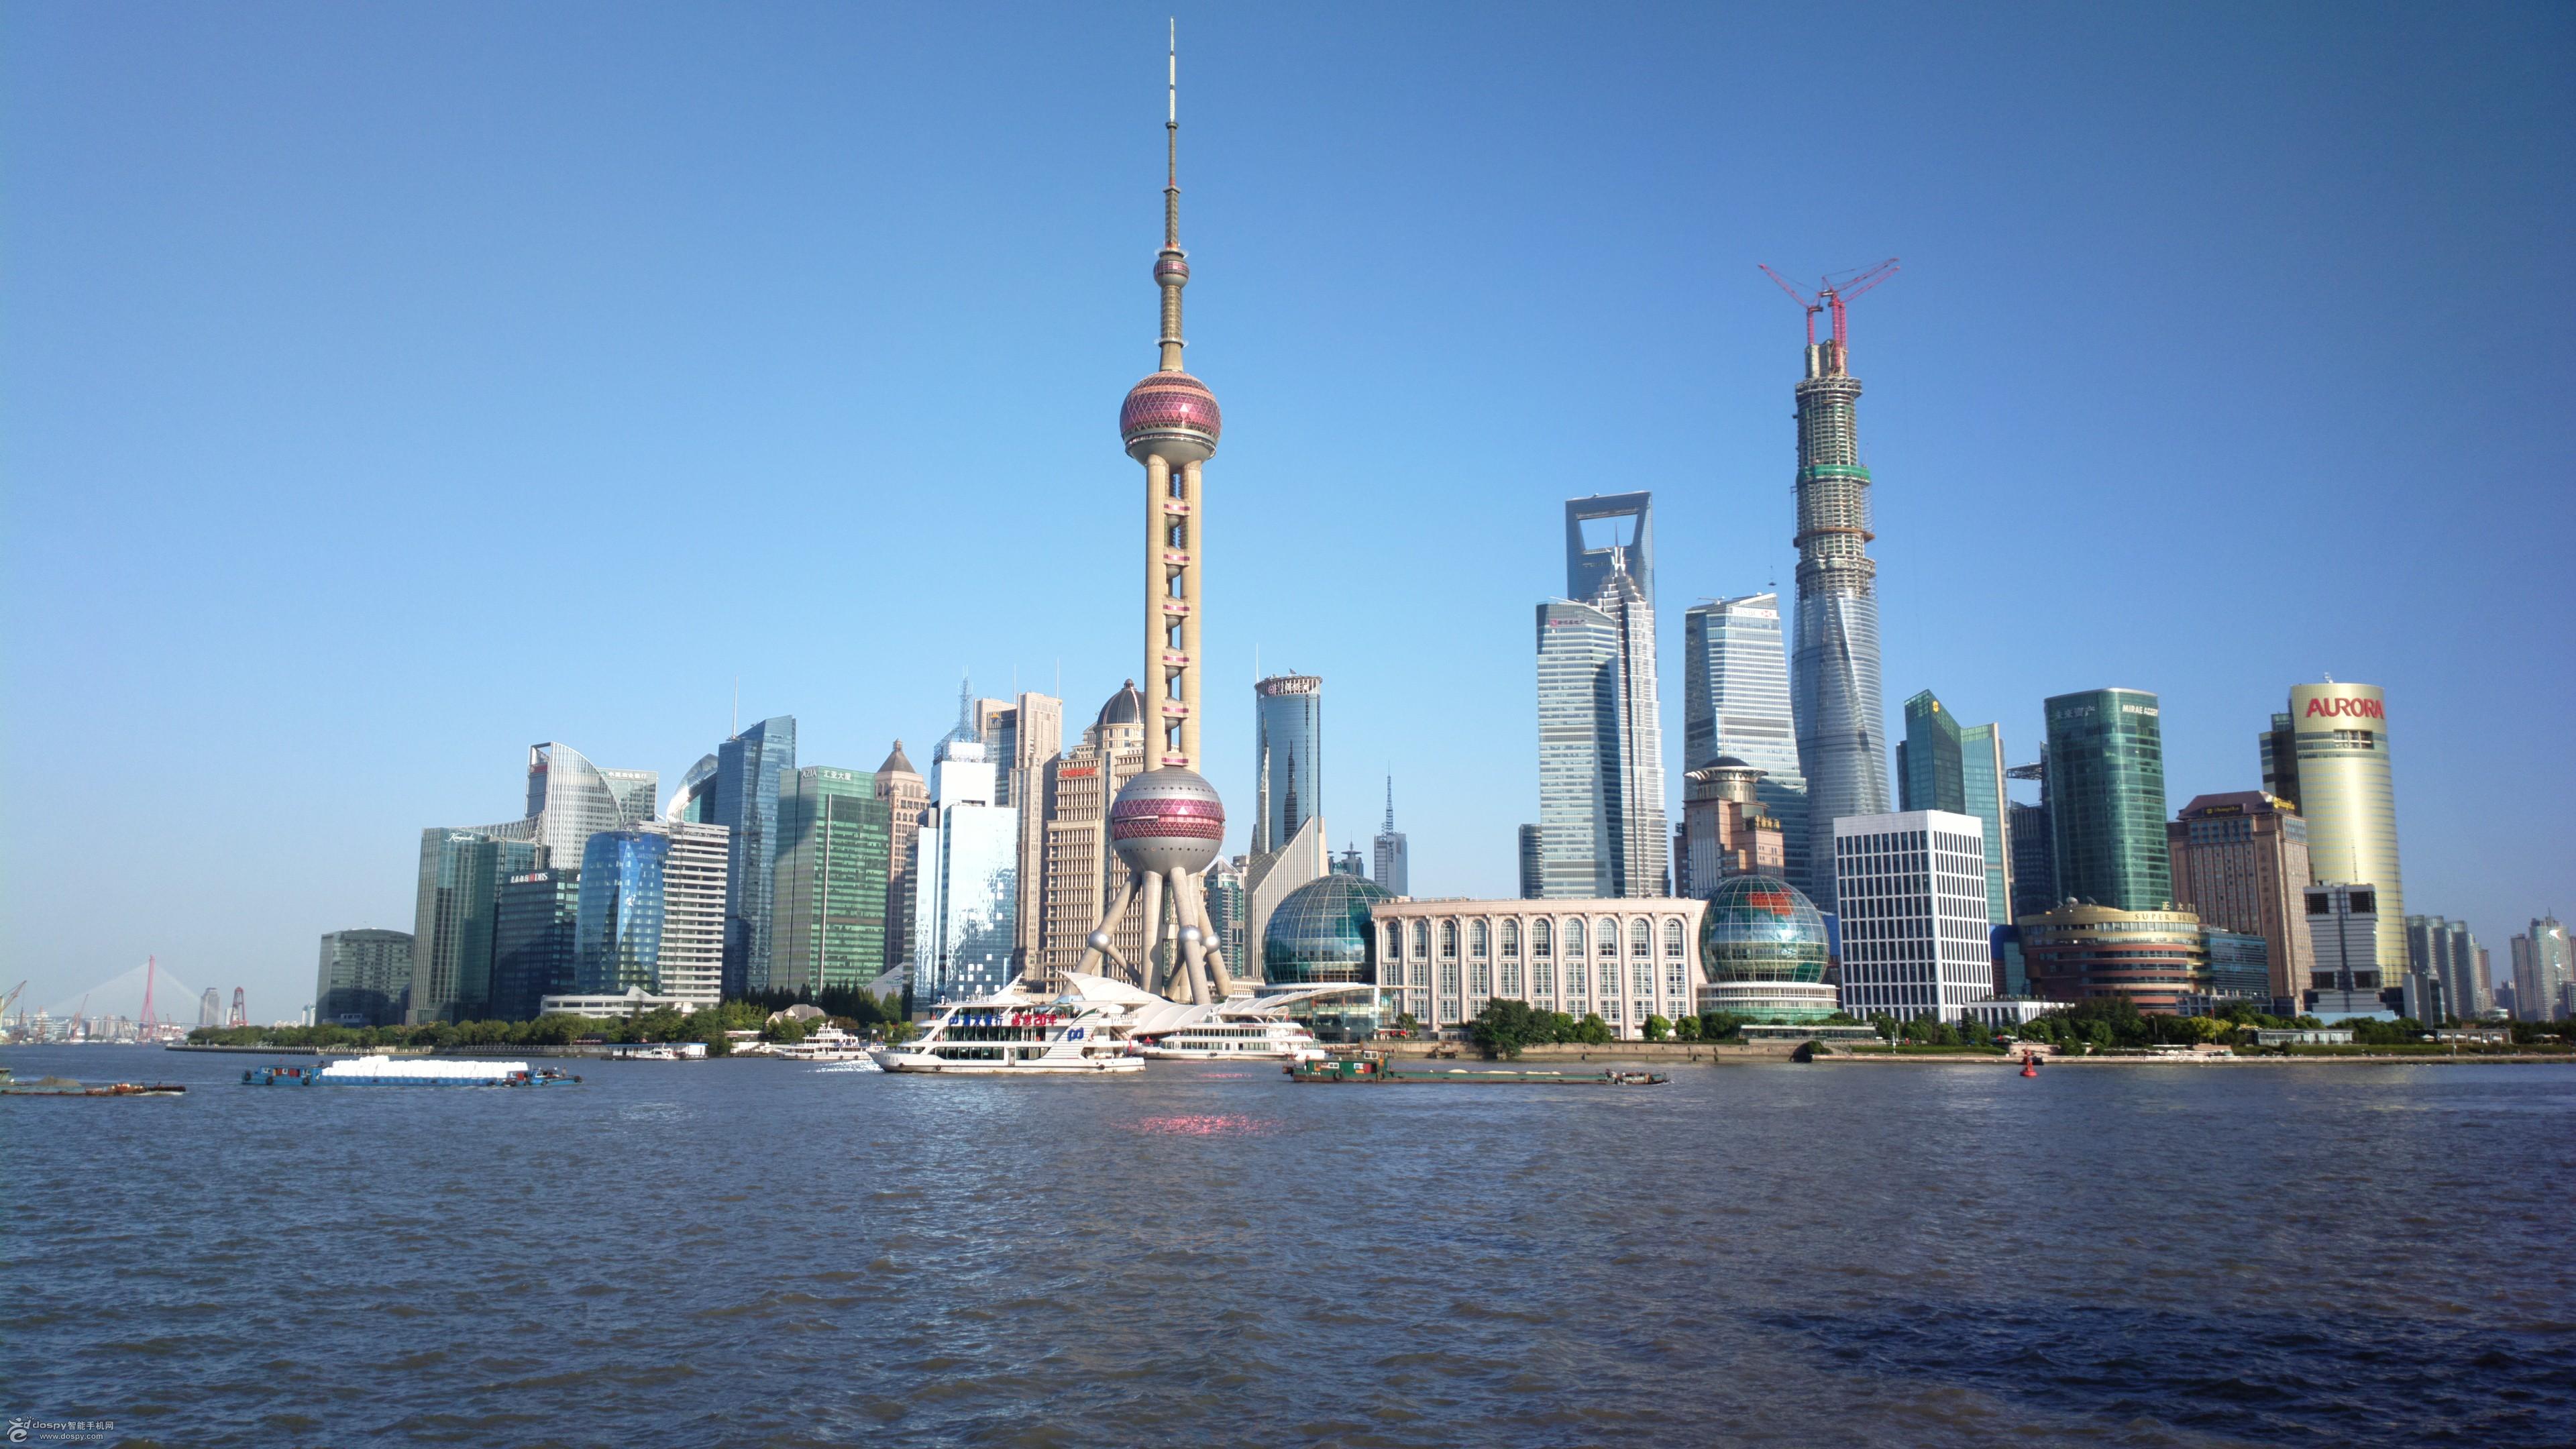 杭州,苏州,南京,这三座卡车,比v卡车谁略胜一筹呢??攻略烧城市关脑20图片